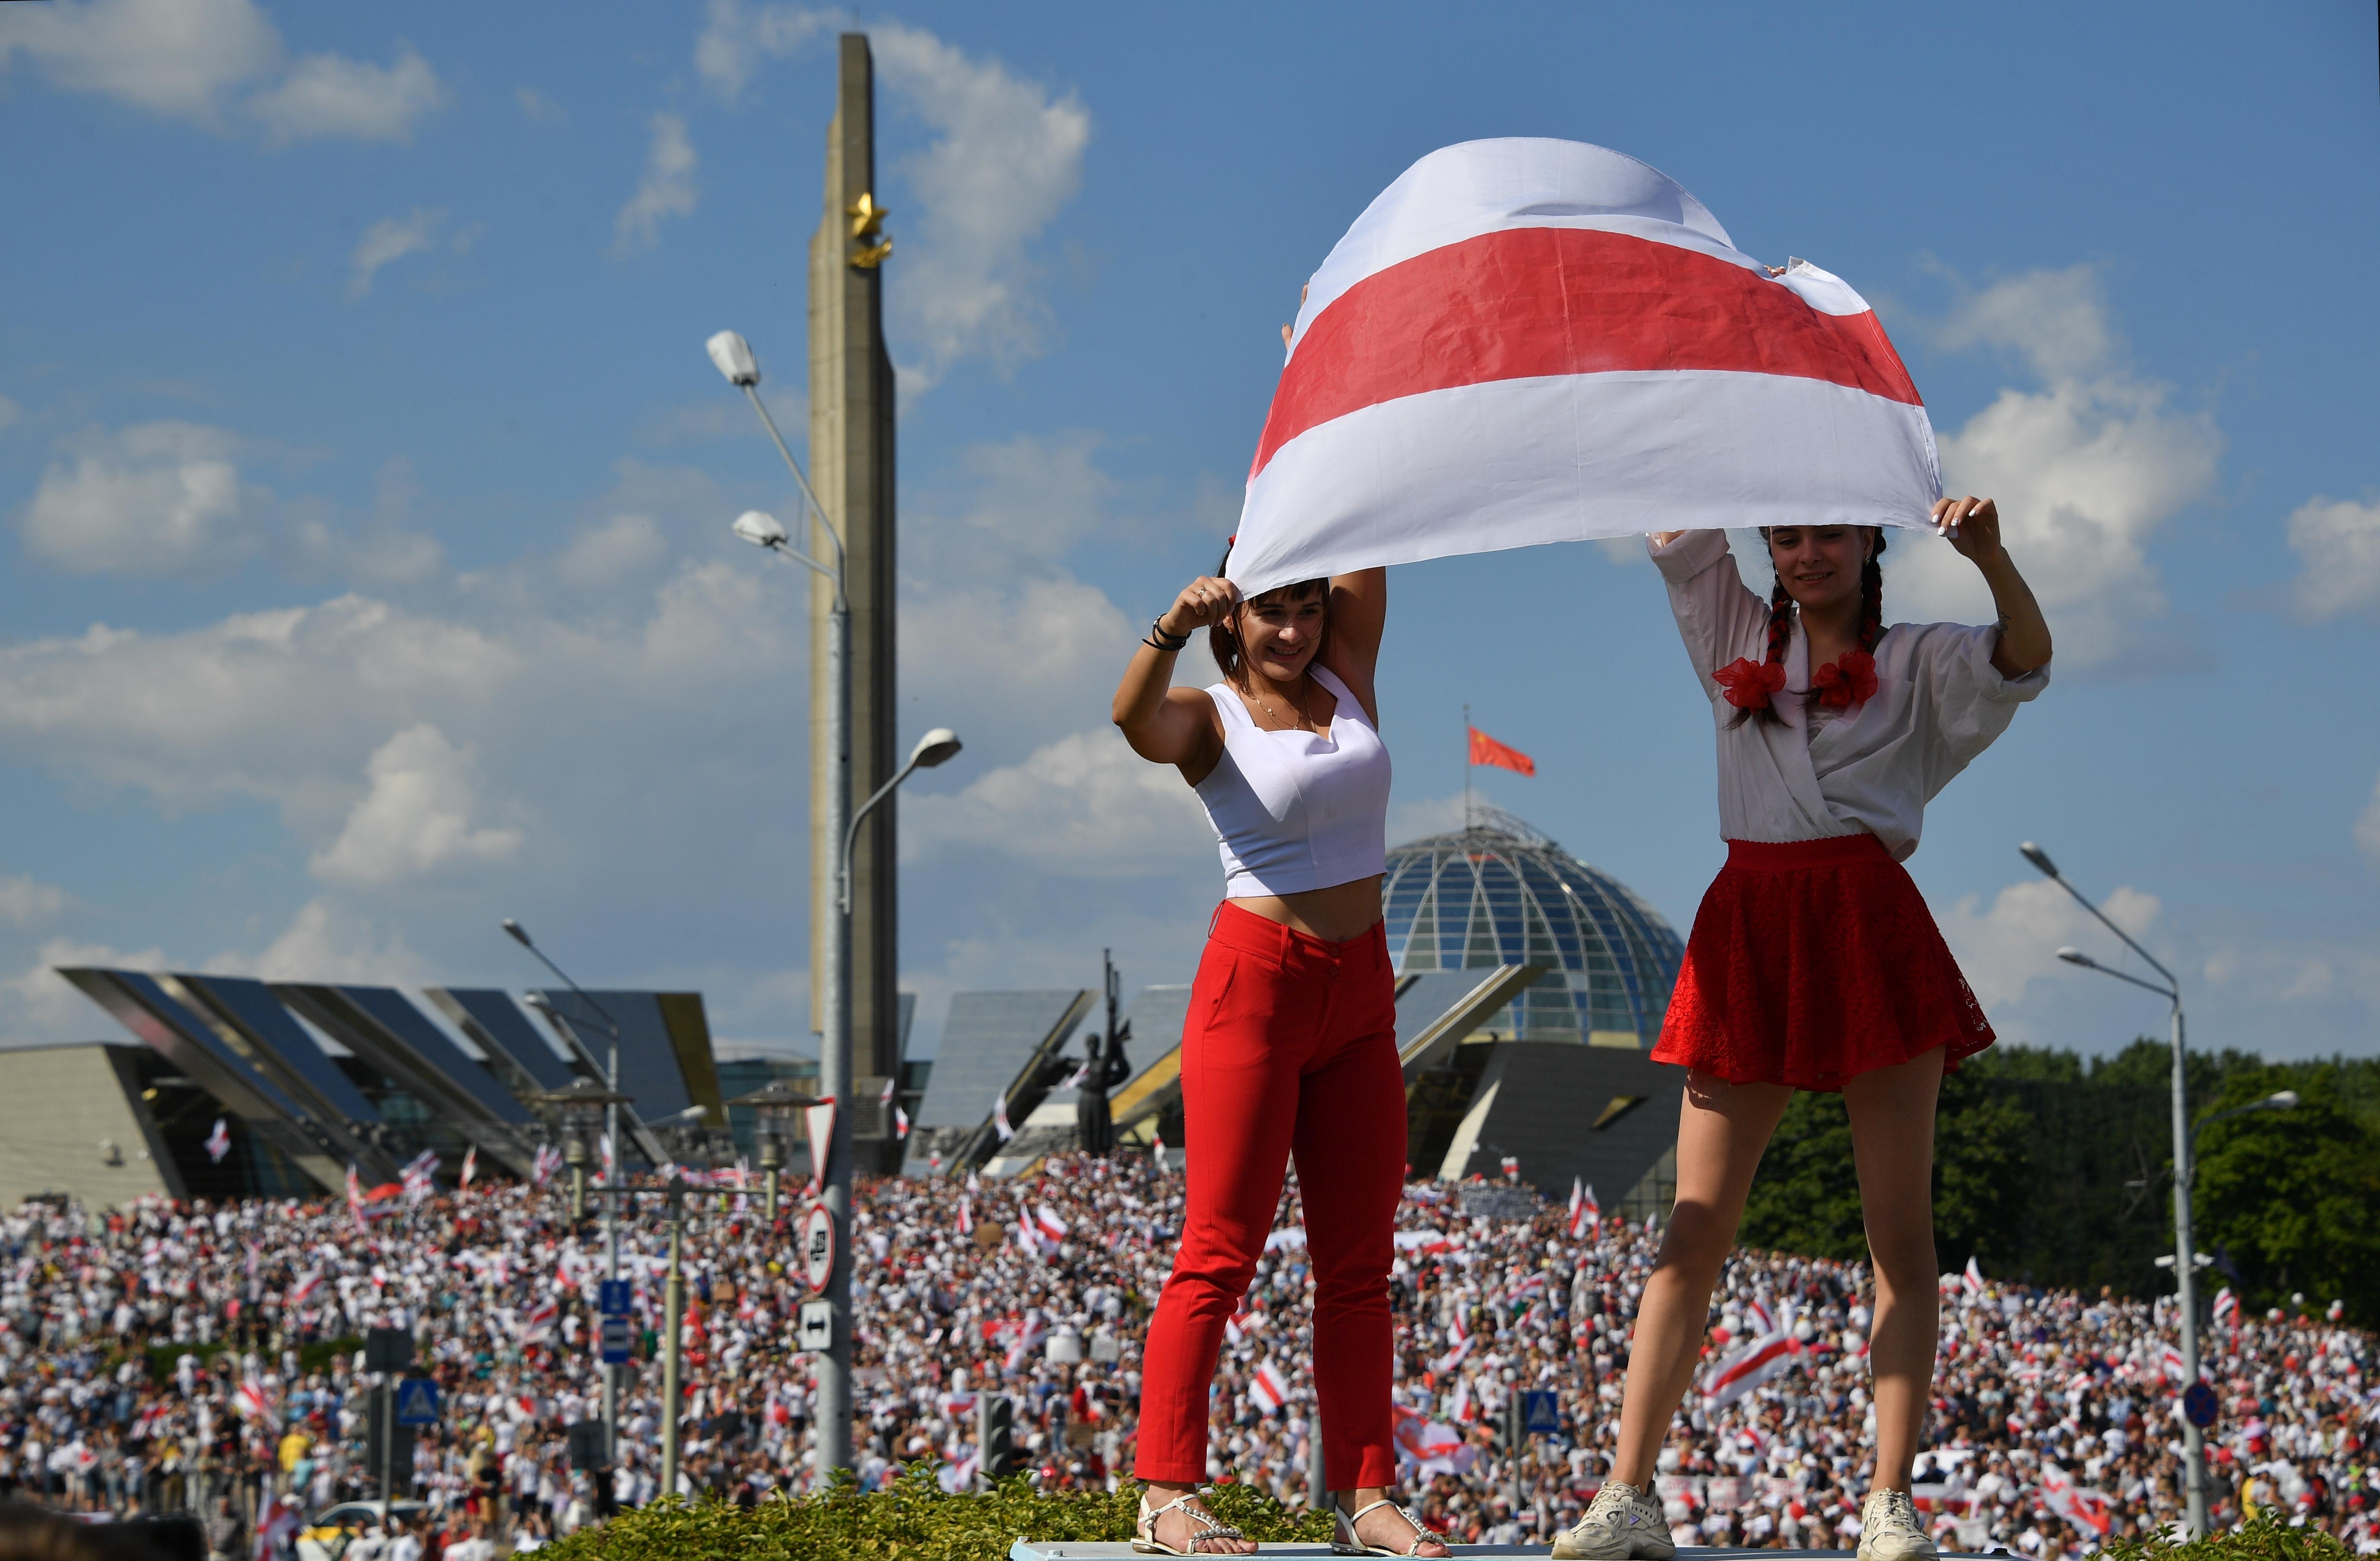 Lengyelország 1 milliárd eurós támogatást kér az EU-tól Fehéroroszország újjáépítésére